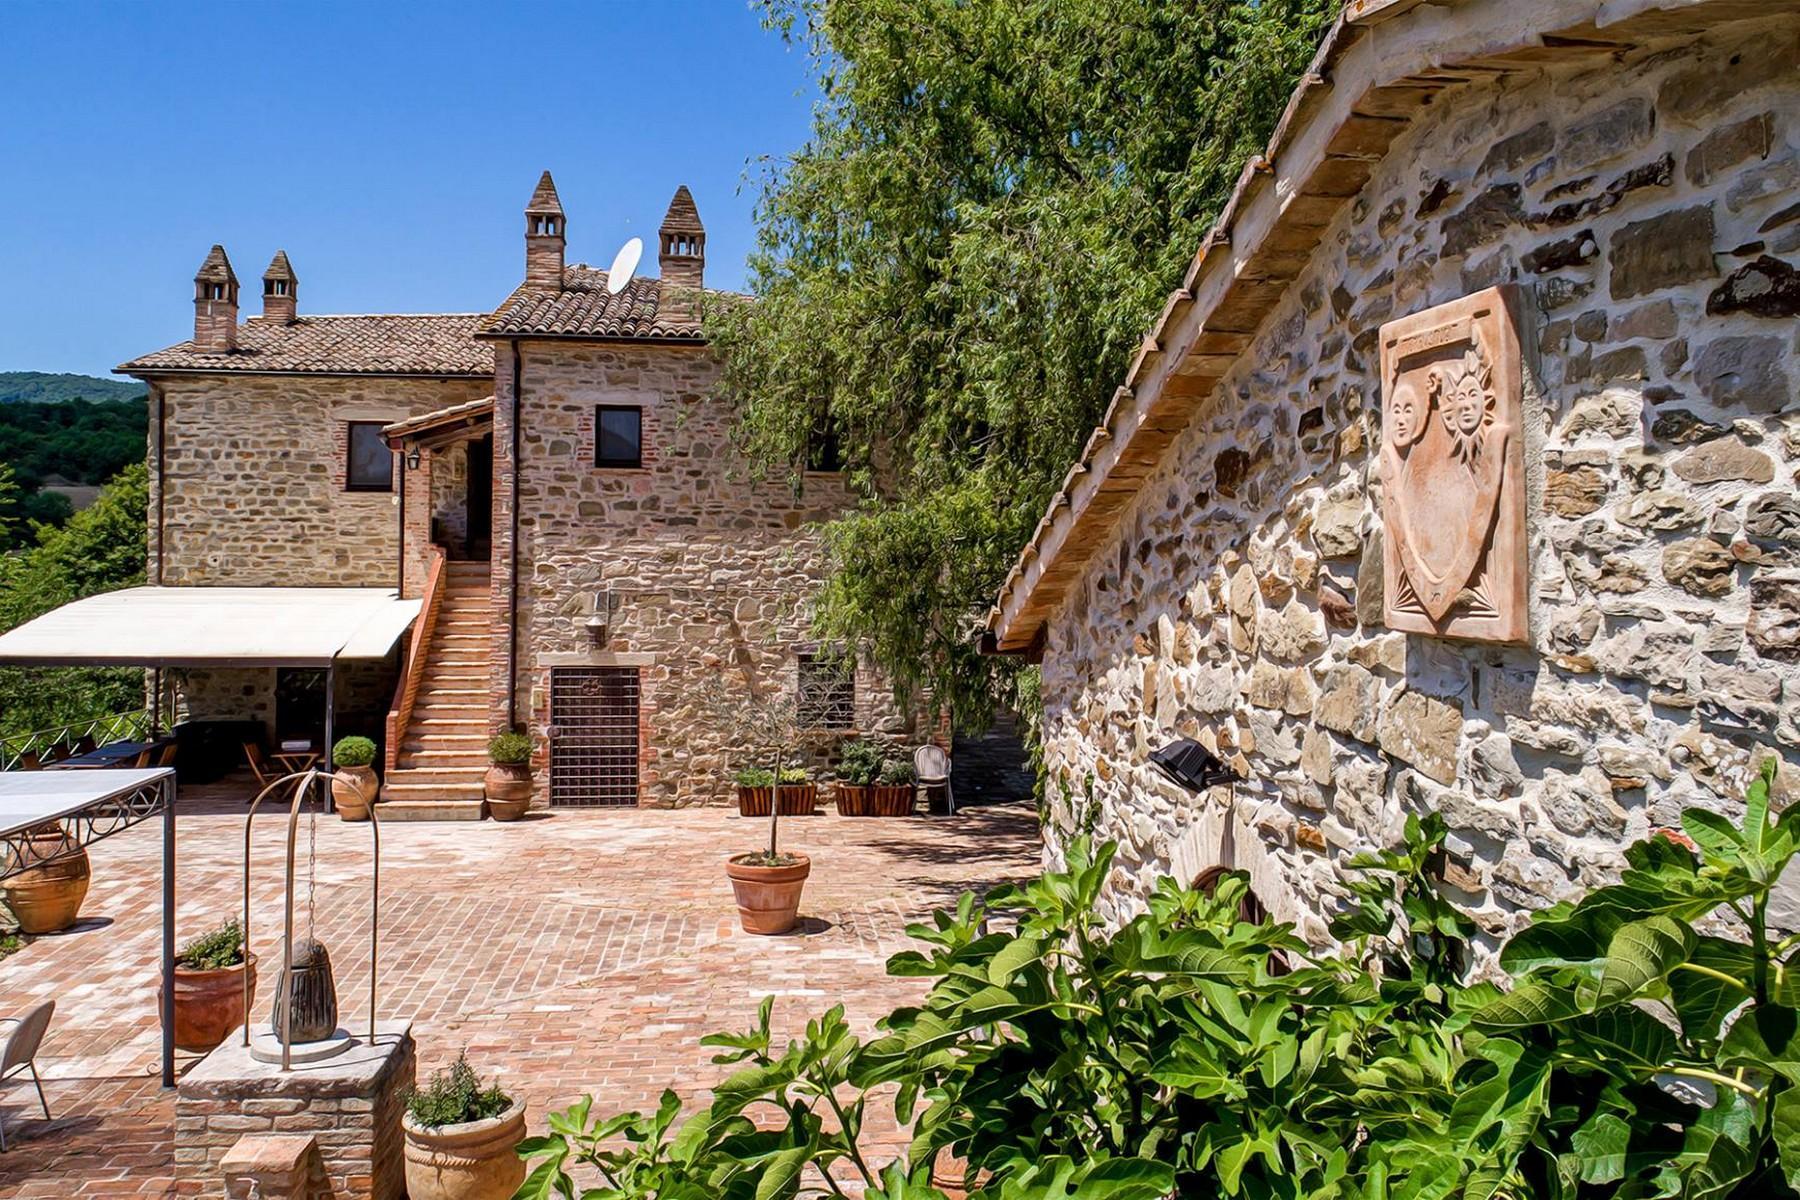 Antico convento del 1200 interamente restaurato - 3